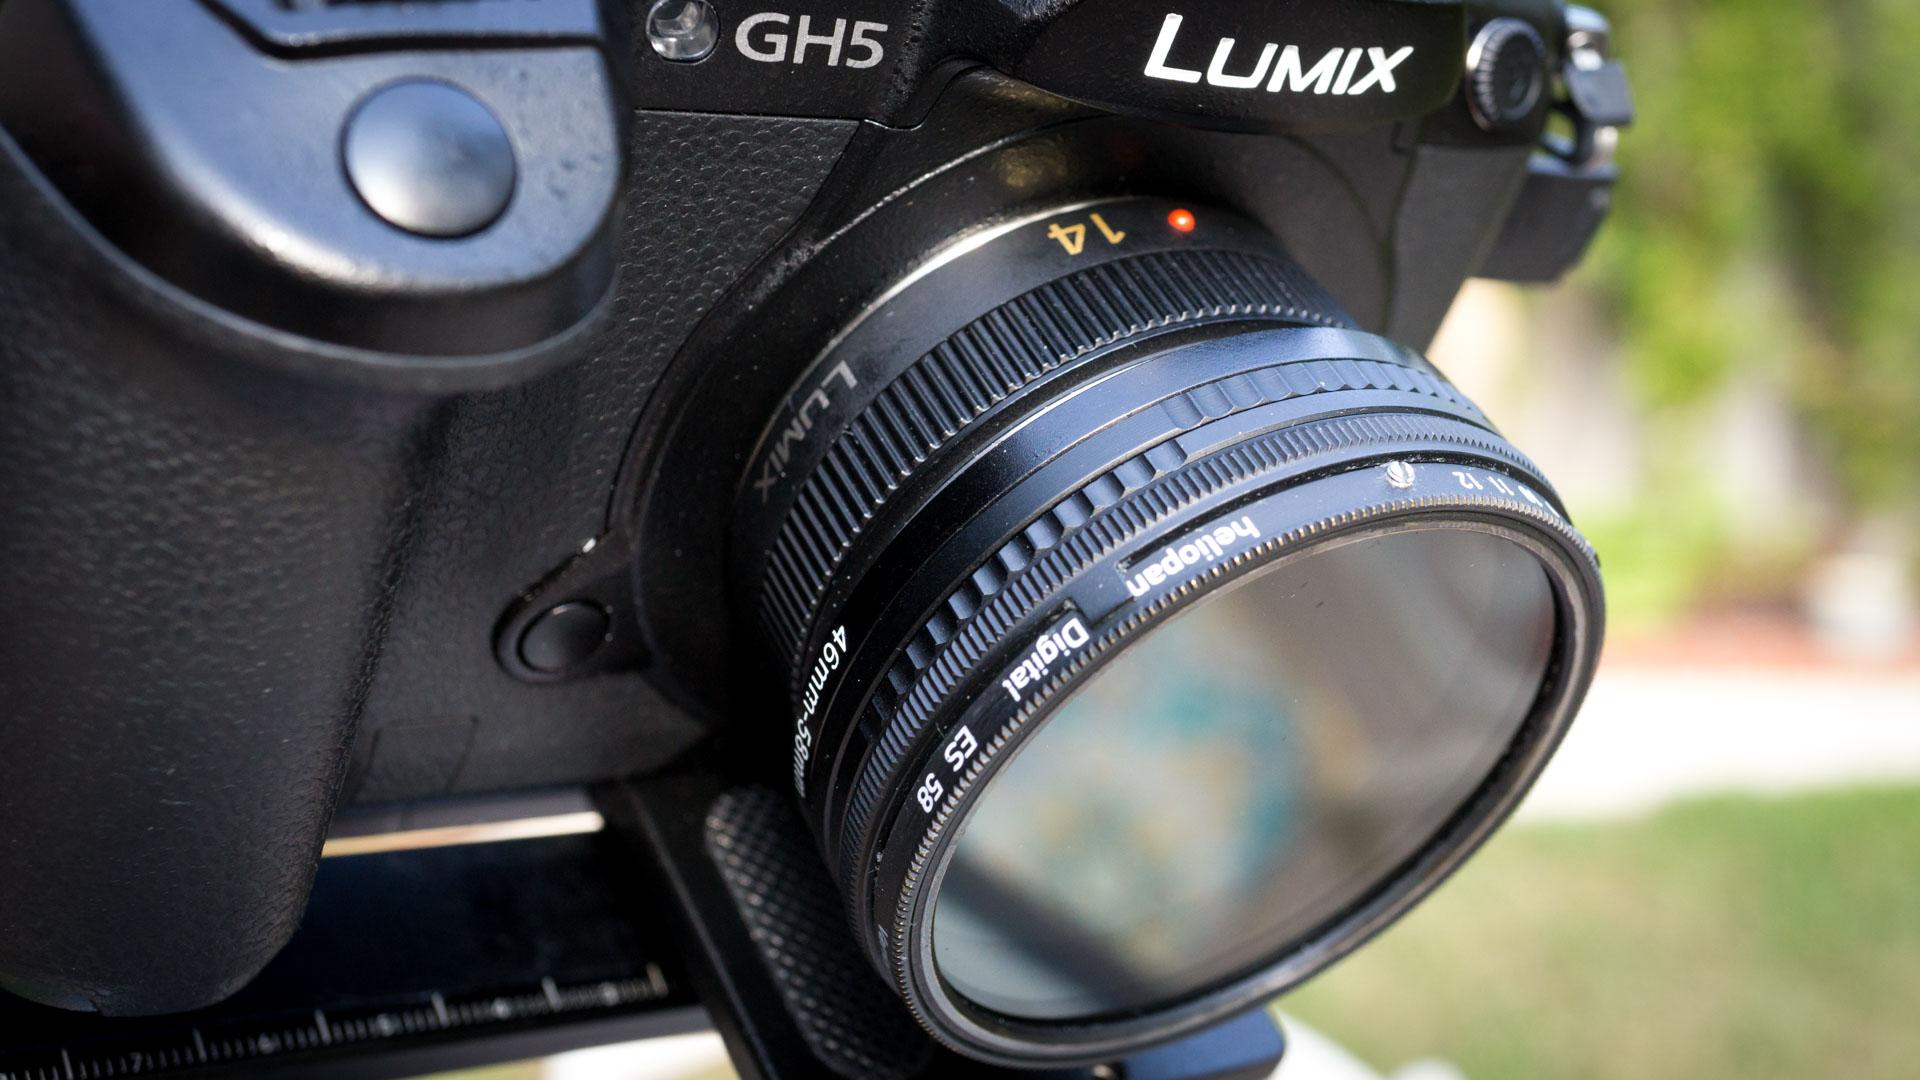 Filmpower Nebula 5100 Pancake Lens